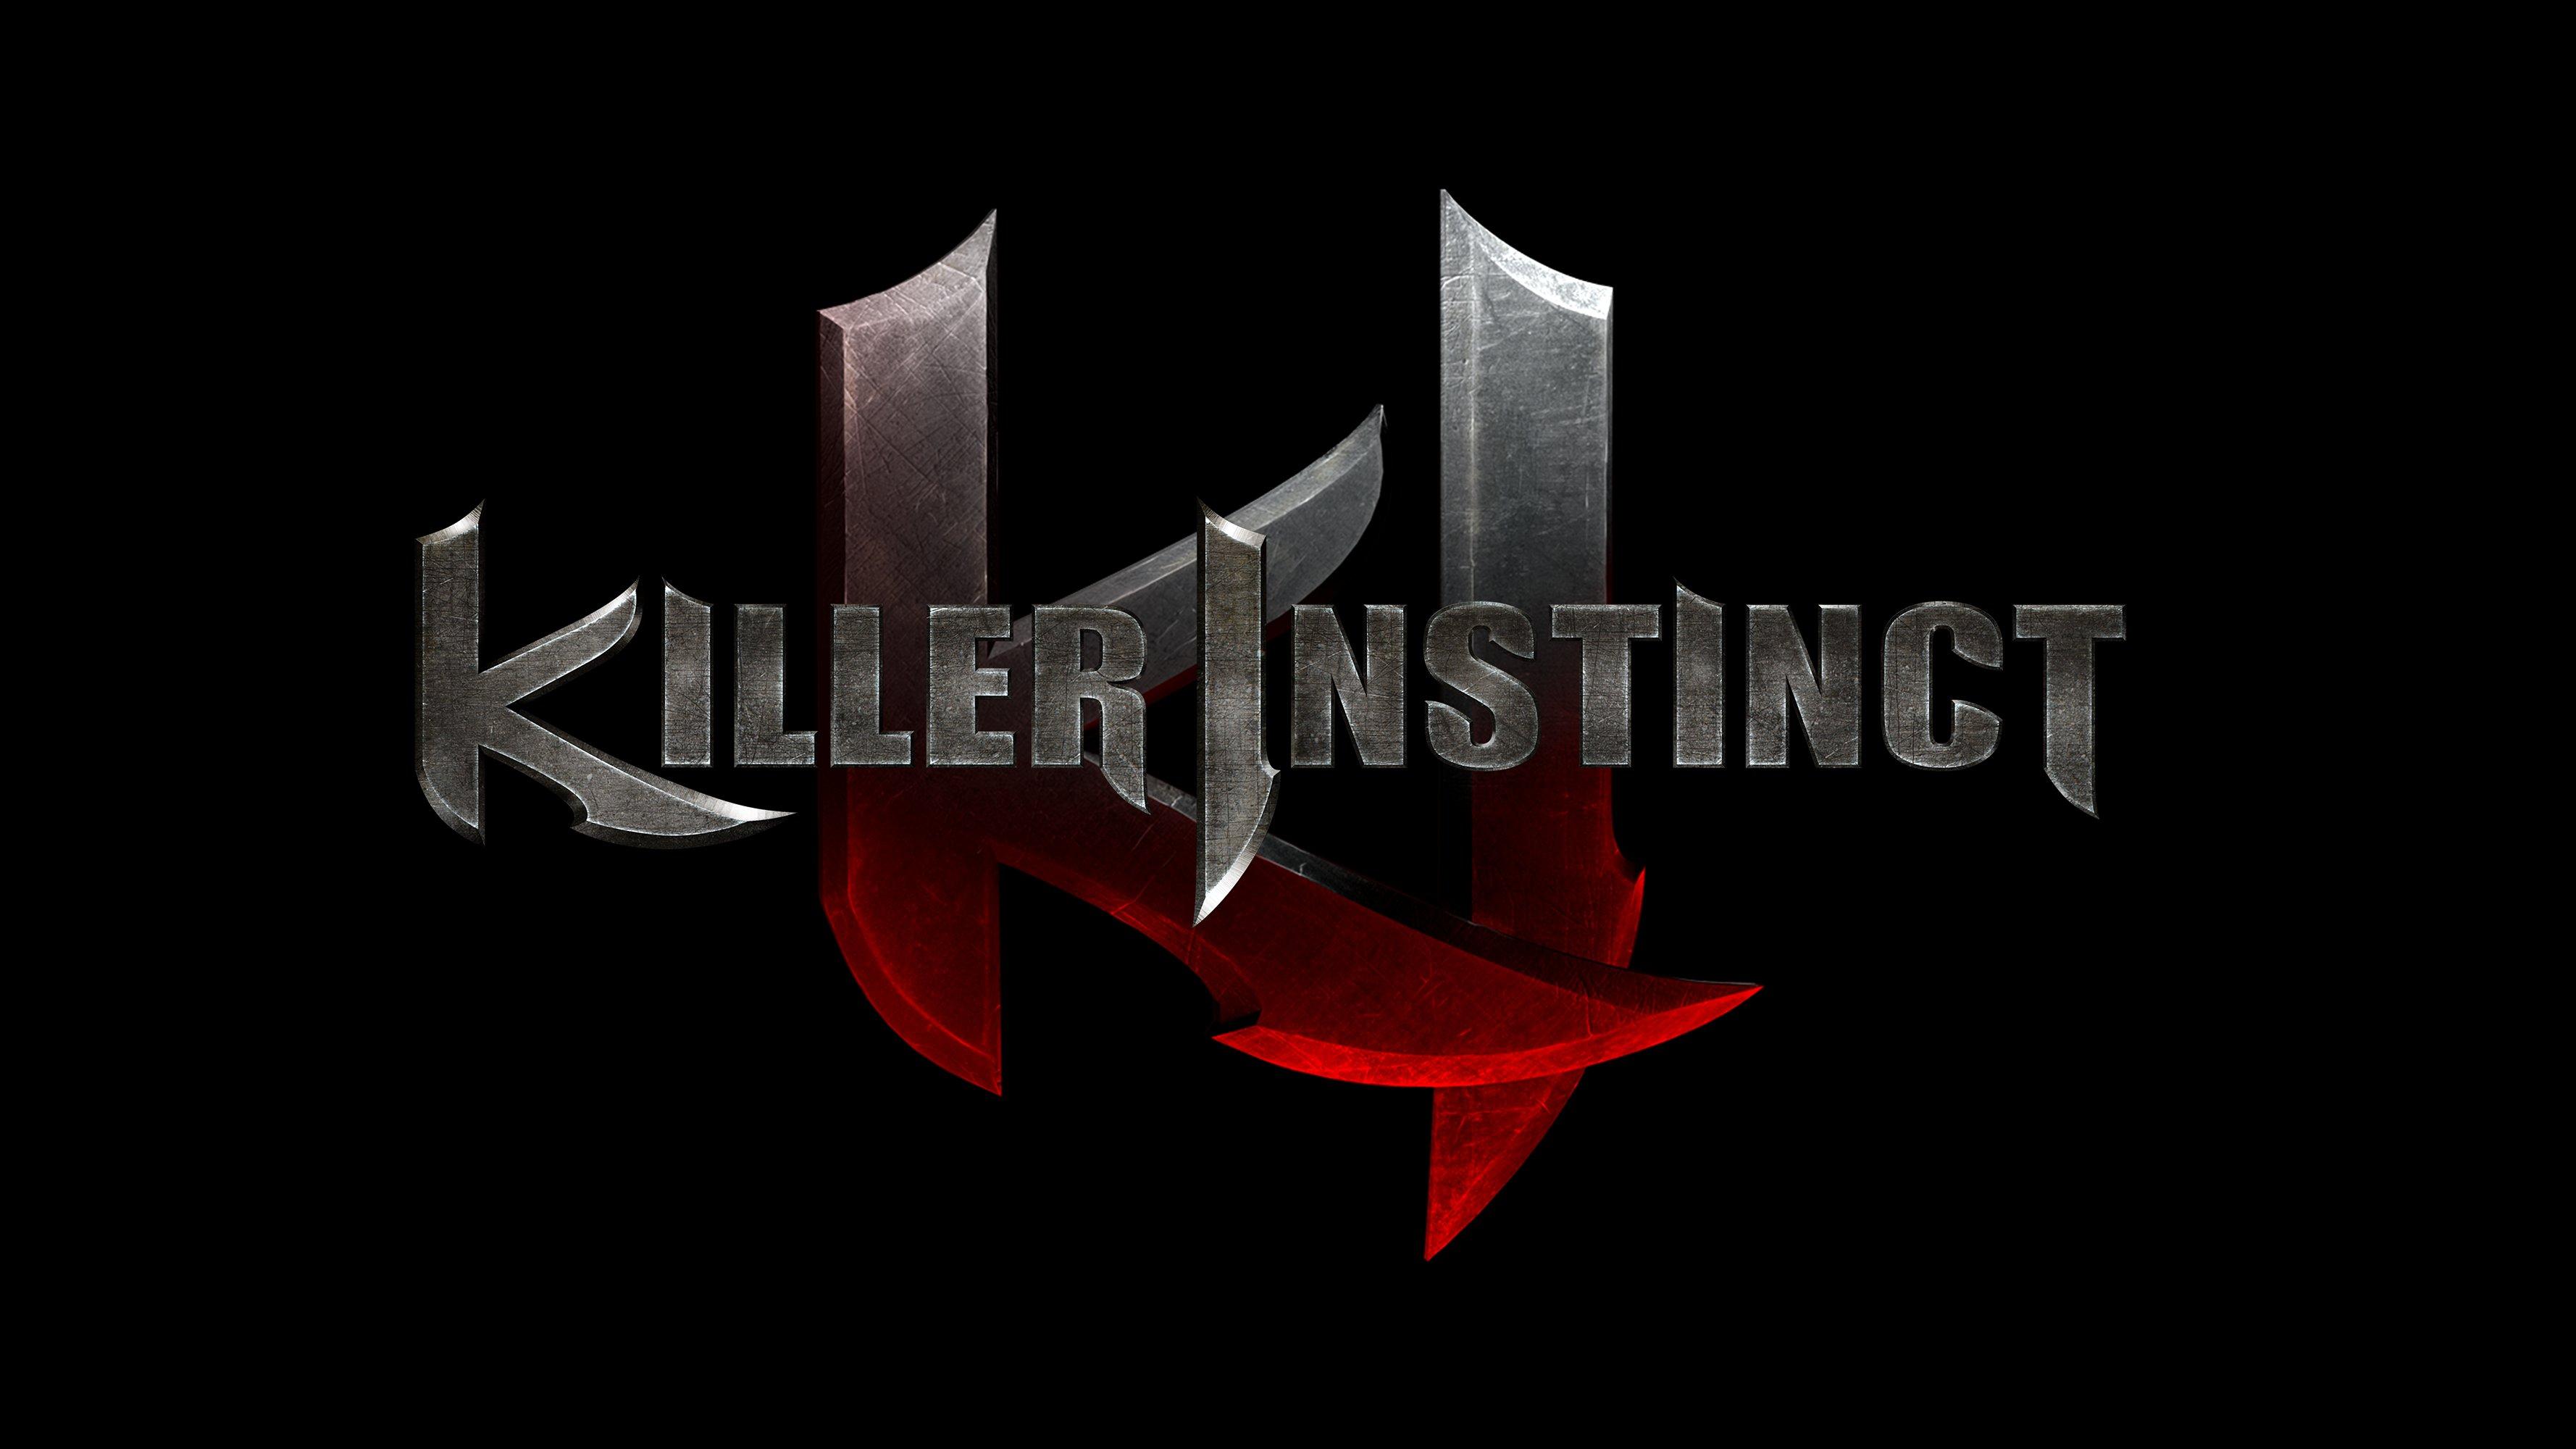 KILLER_INSTINCT.jpg